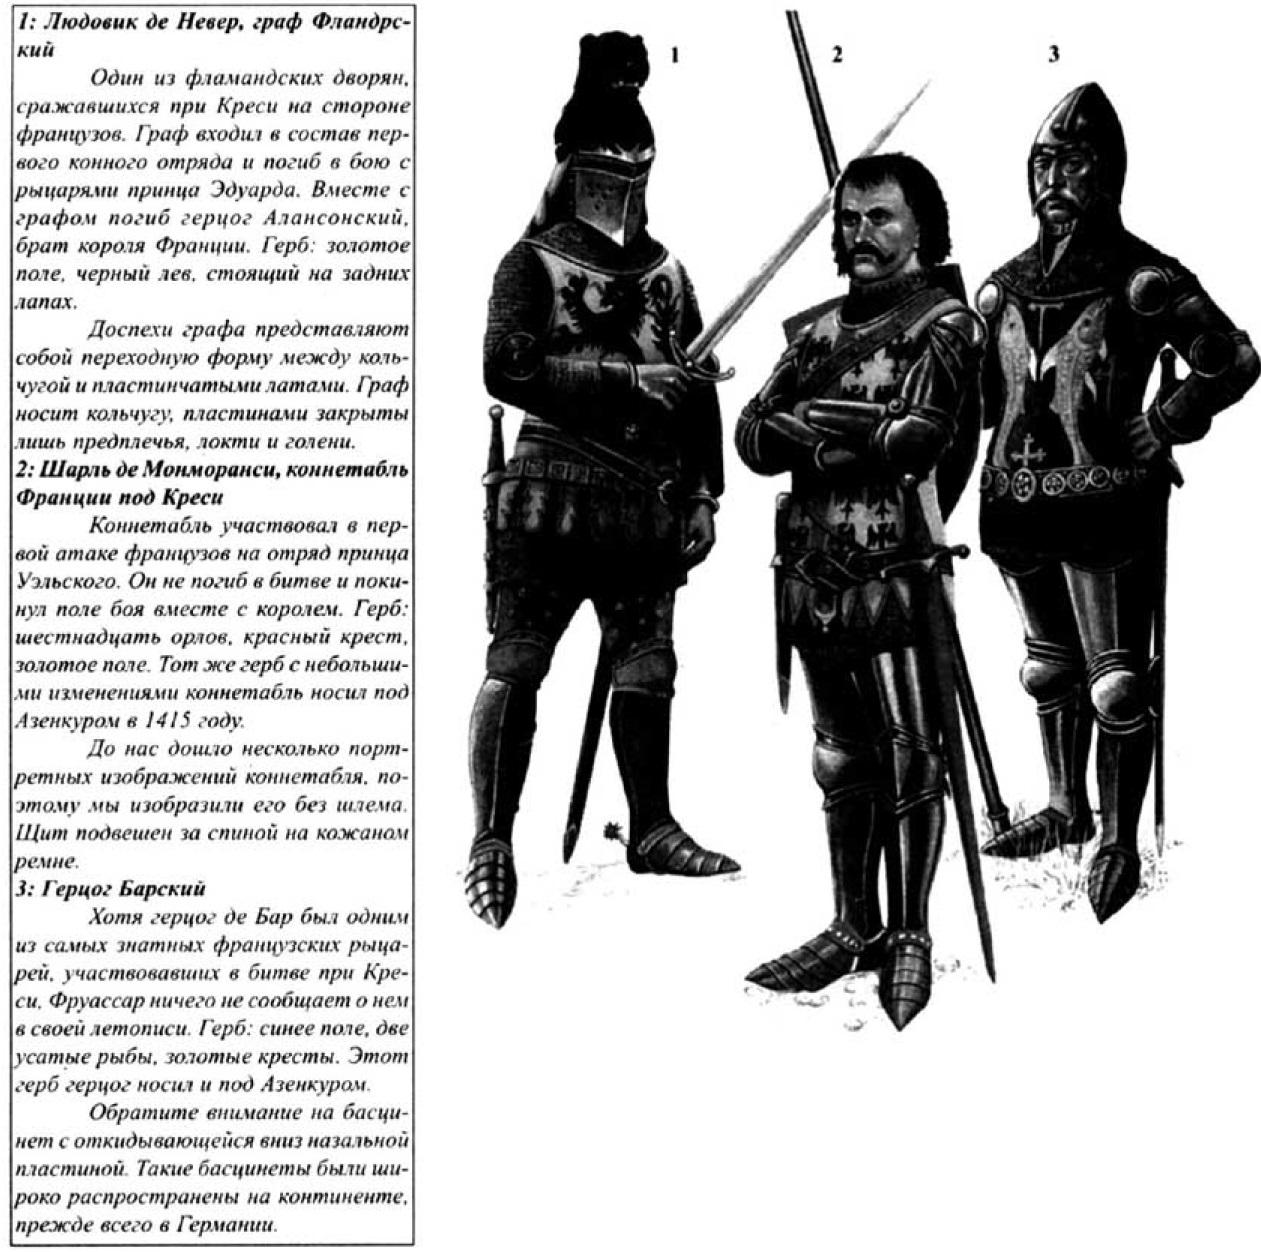 17. Сражения при Креси и Пуатье. (9).jpg